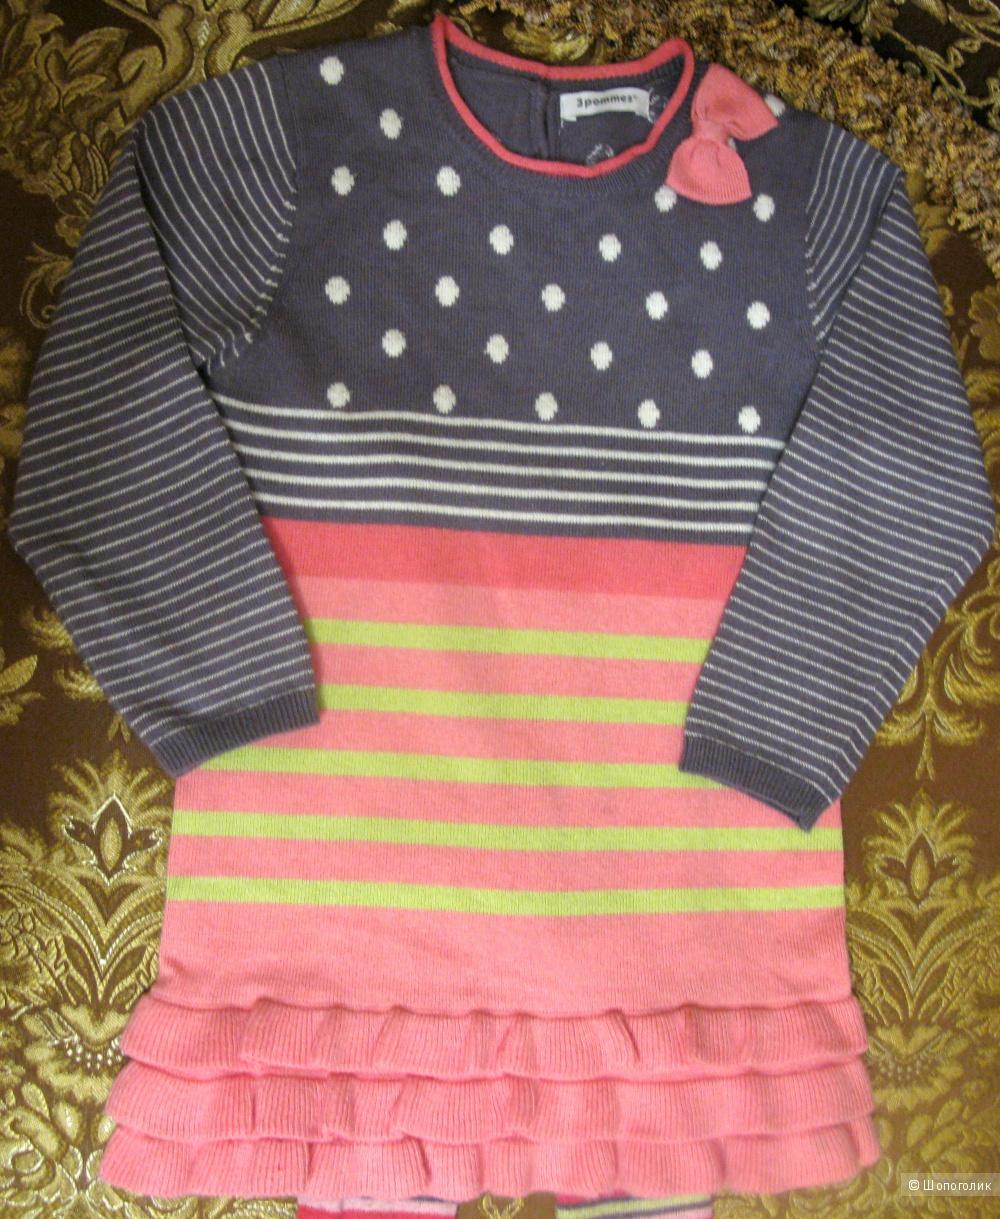 Платье и колготки 3Pommes Франция размер 3 на рост 92-98 см